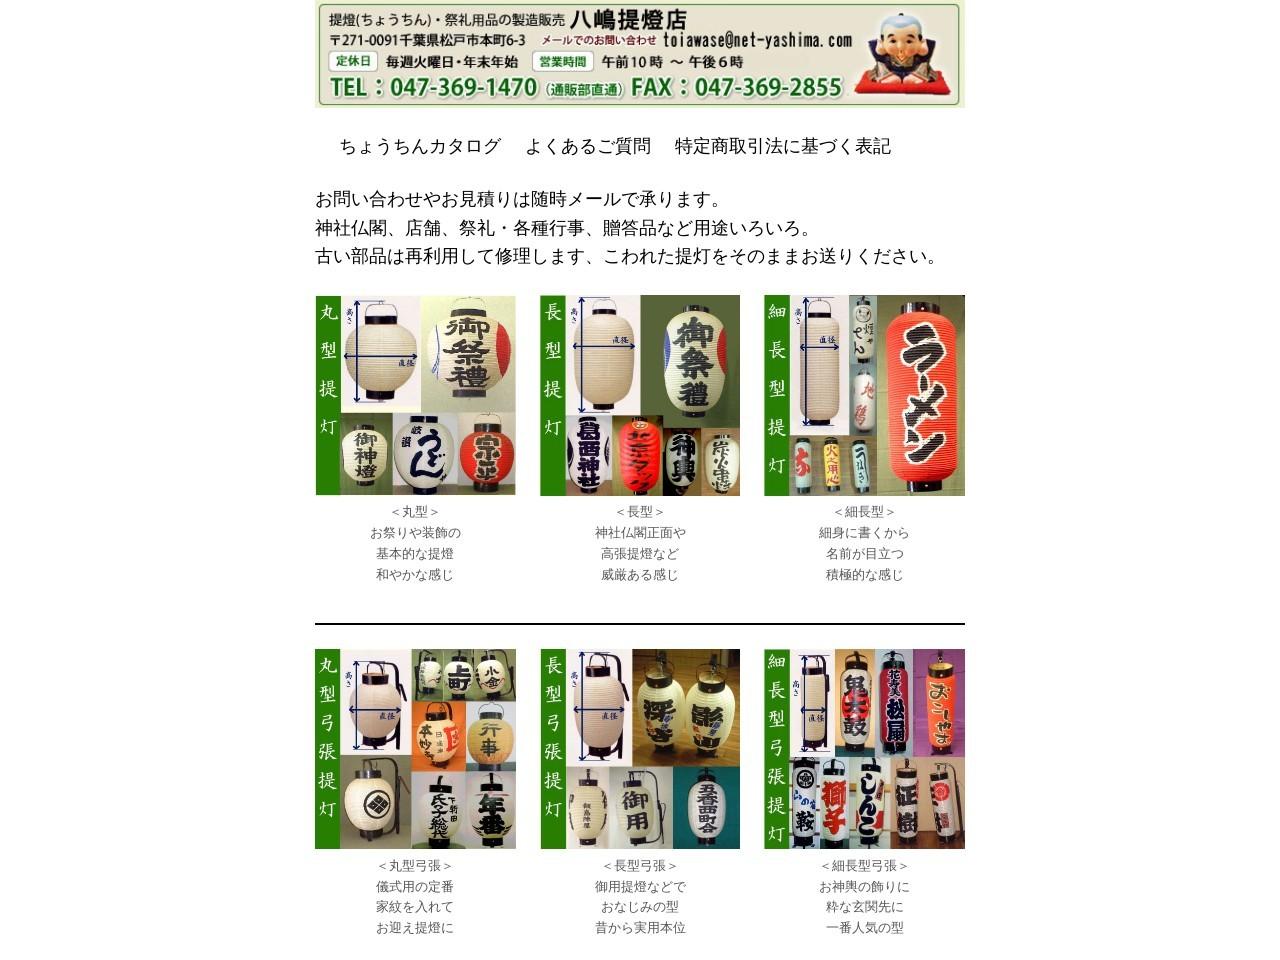 ちょうちんの八嶋商店/提灯・祭礼用品の製造販売/トップページ